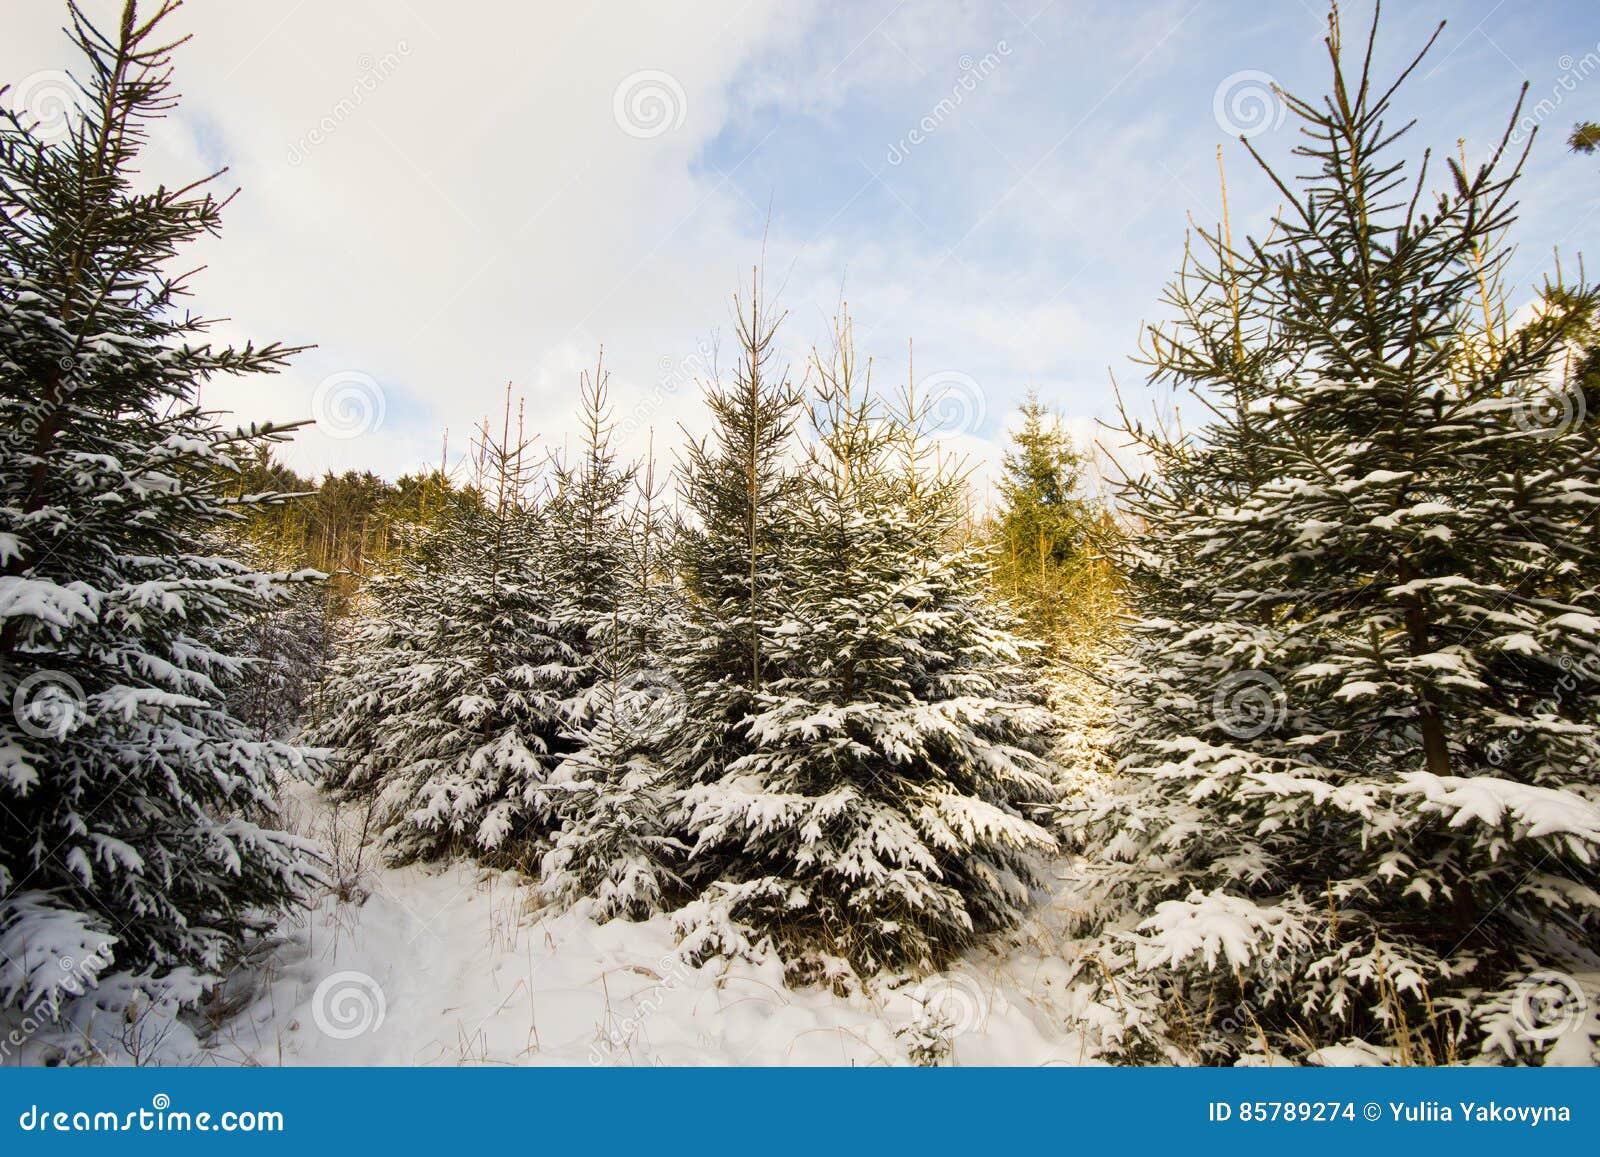 Winterlandschaft im Wald mit den Bäumen bedeckt mit Weiß